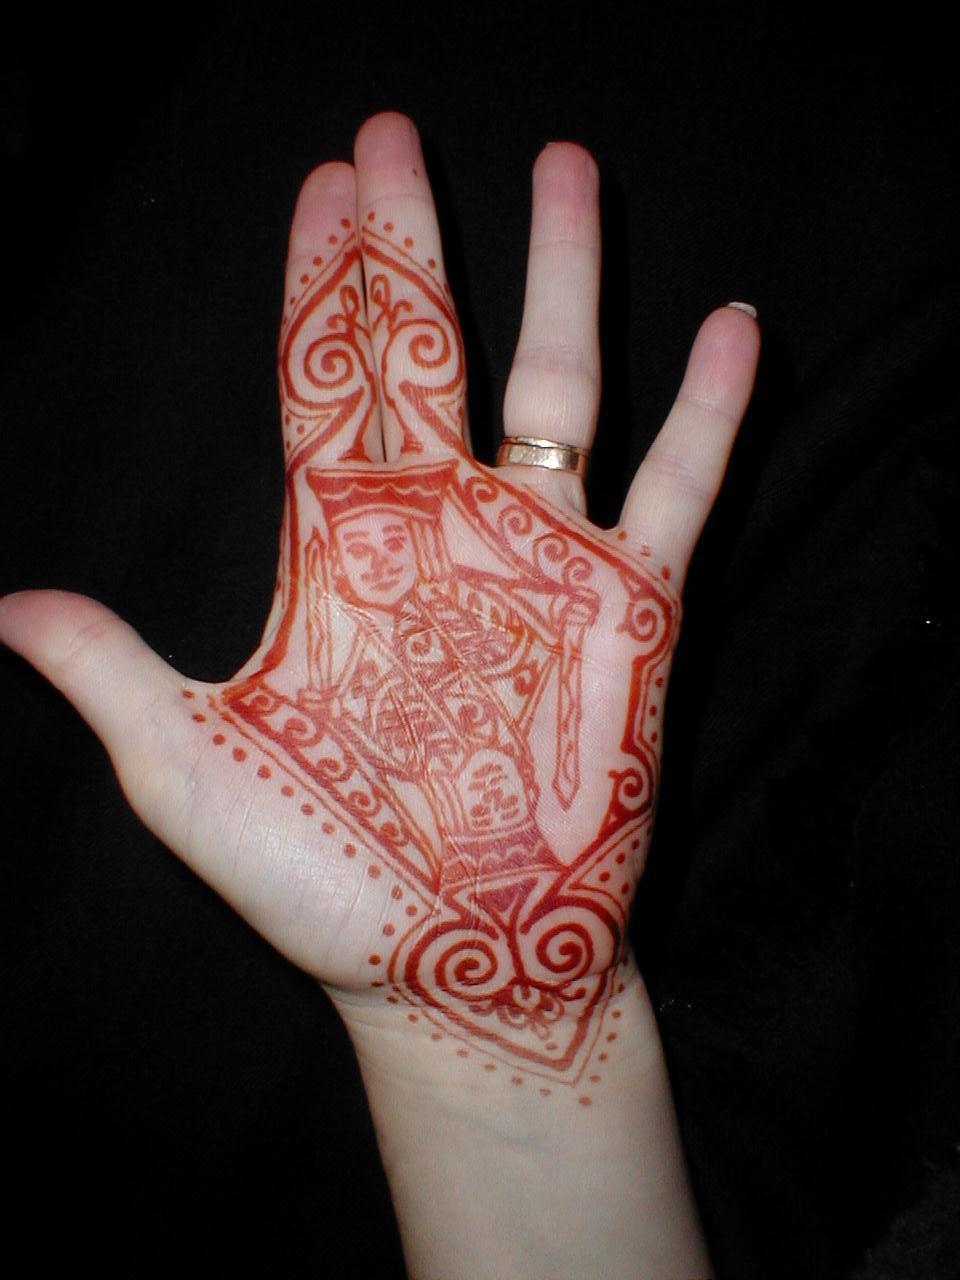 henna tattoo for hands design. Black Bedroom Furniture Sets. Home Design Ideas